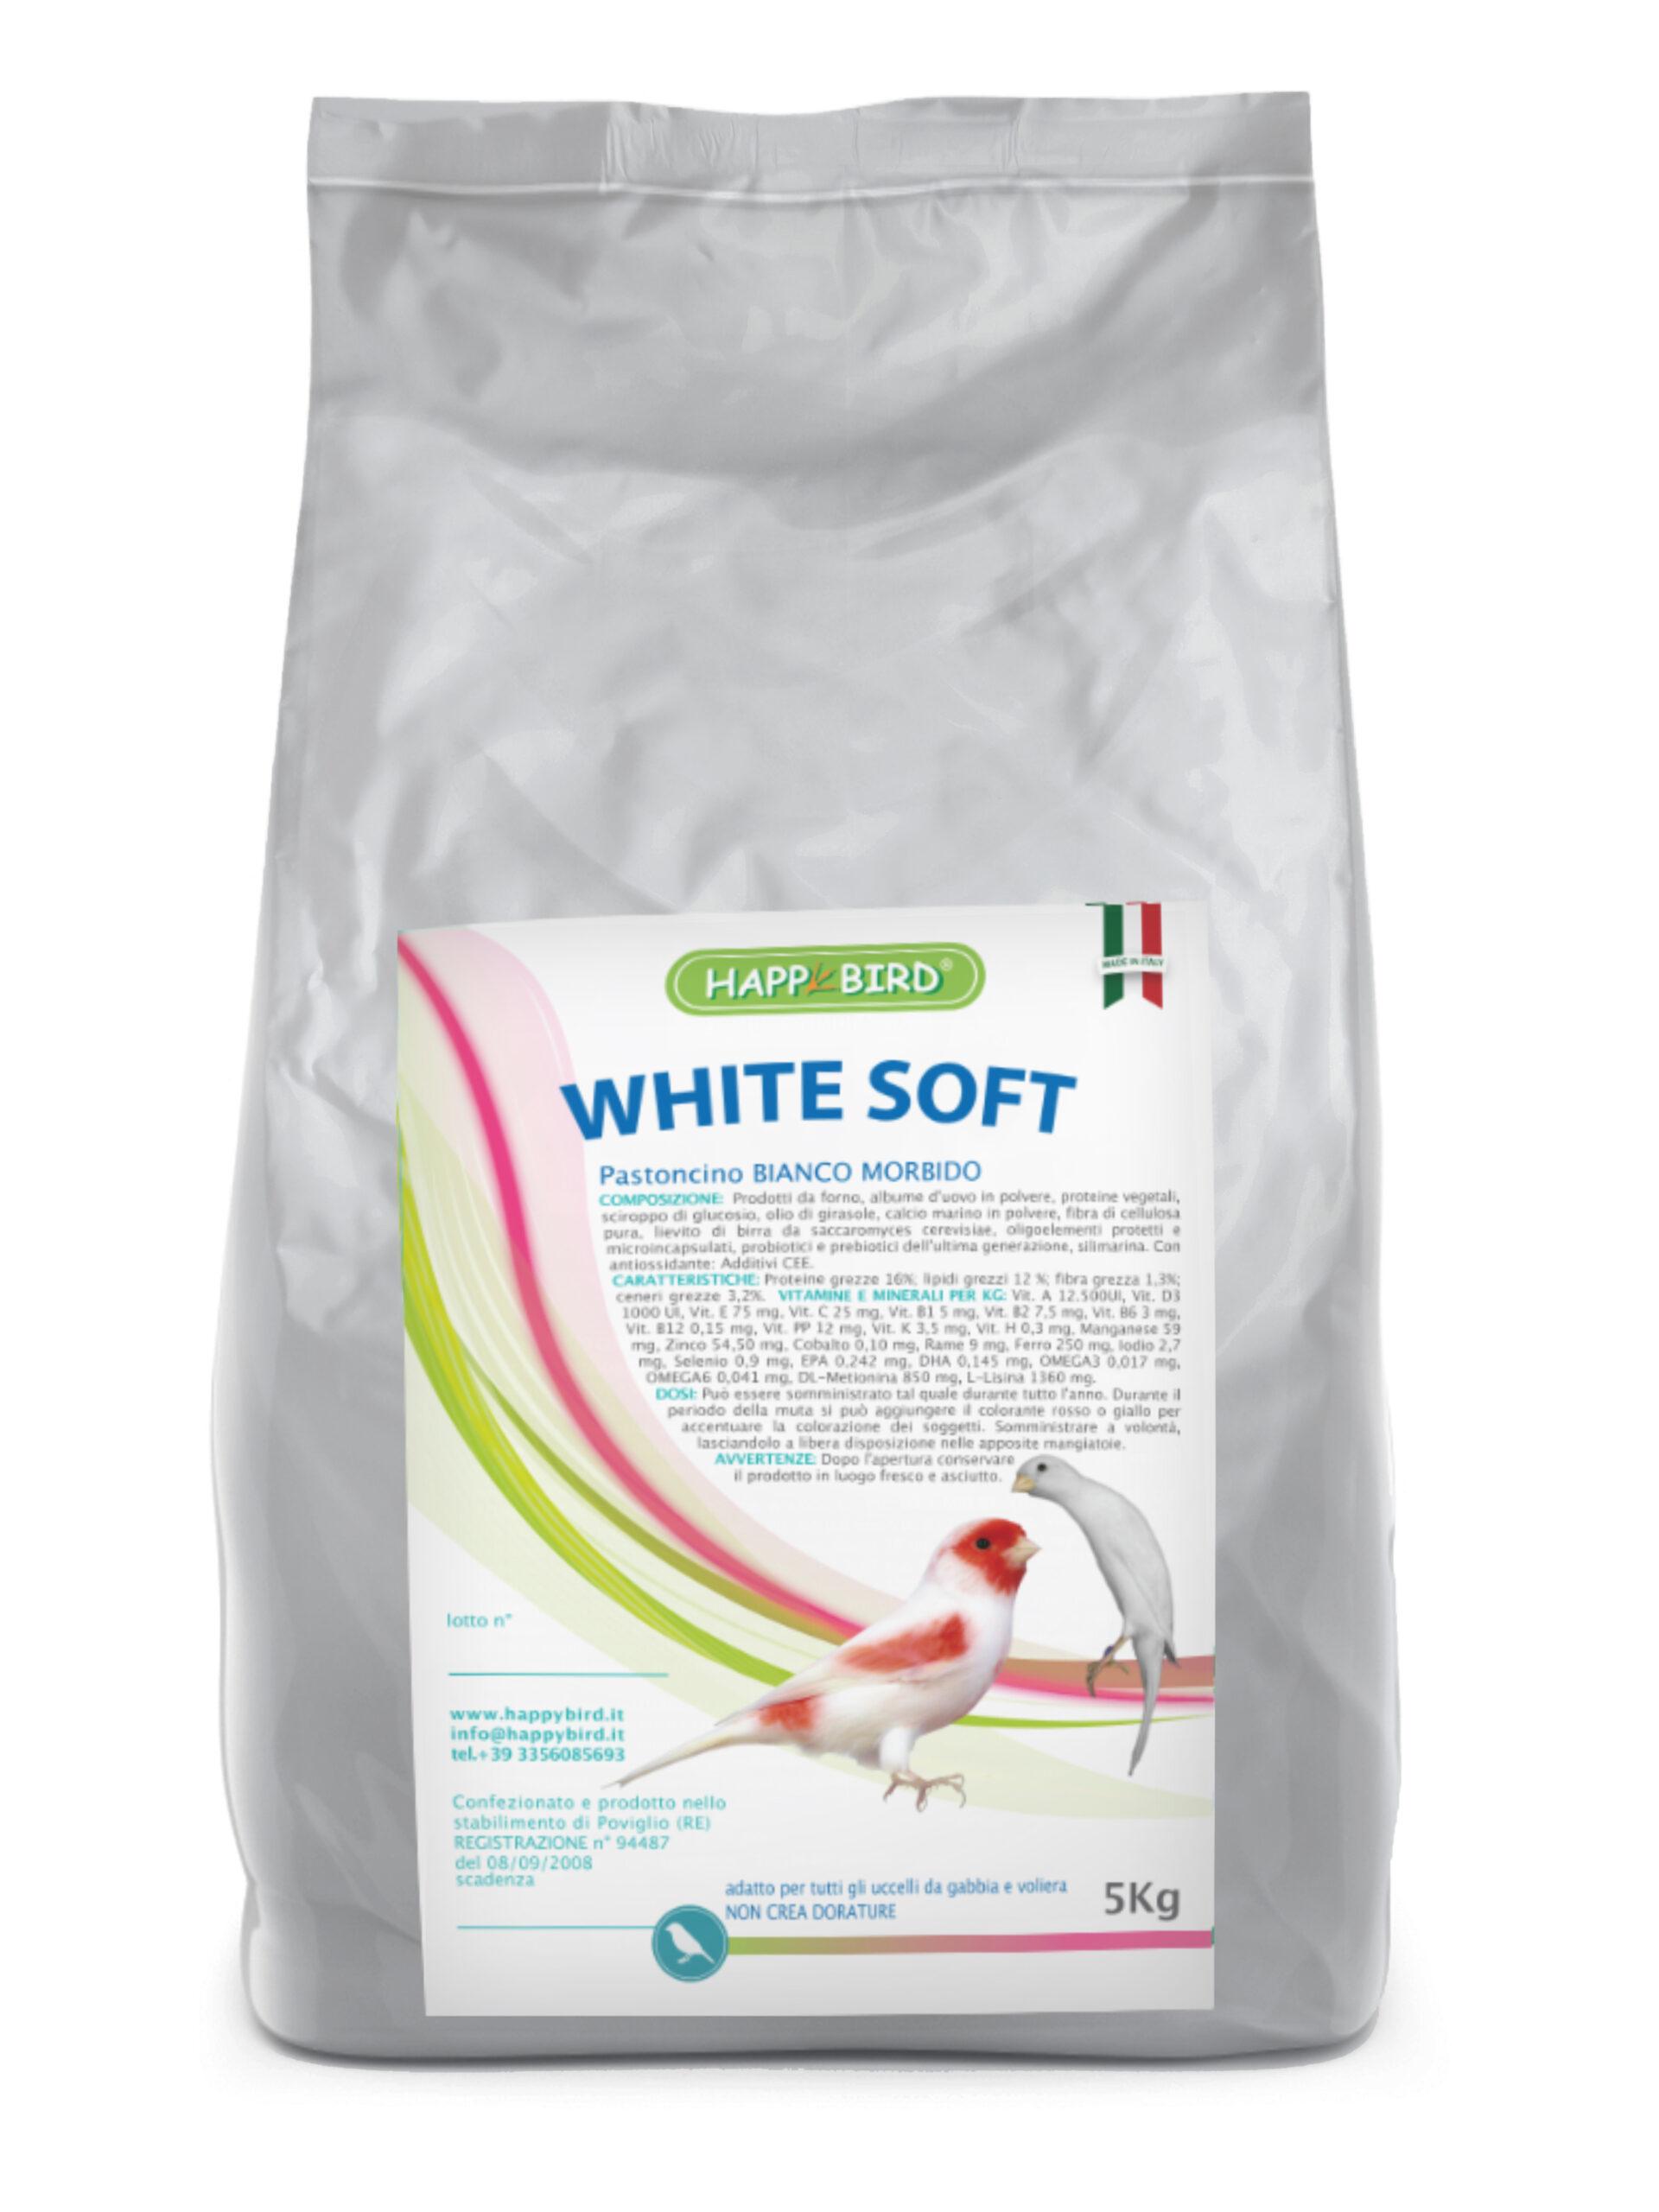 white_sorft_5kg